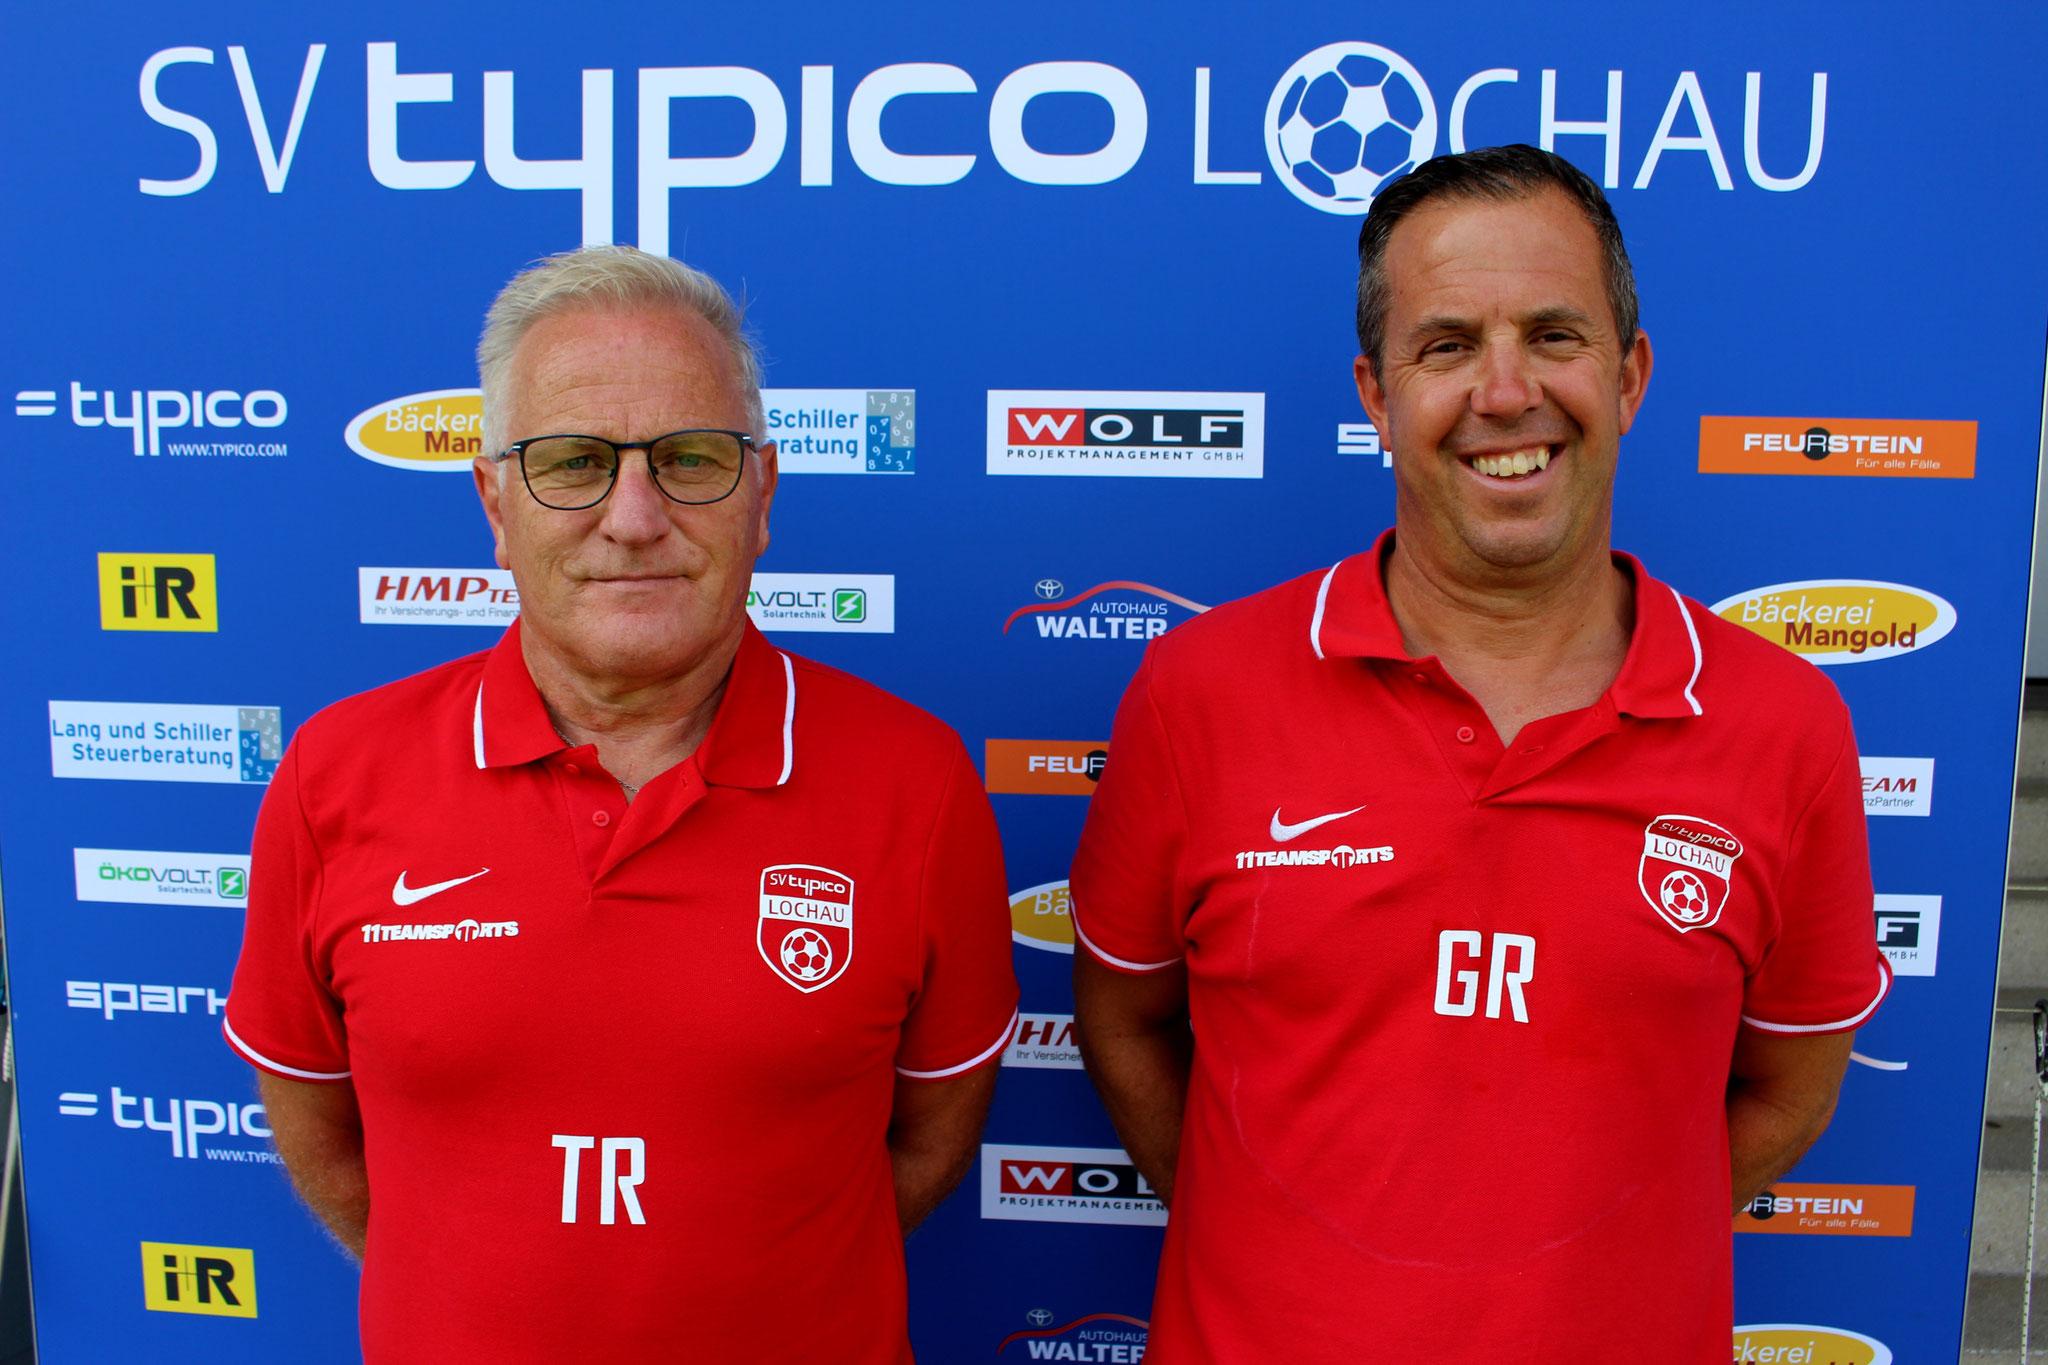 Trainer Peter Sallmayer & Co-Trainer Günther Riedesser